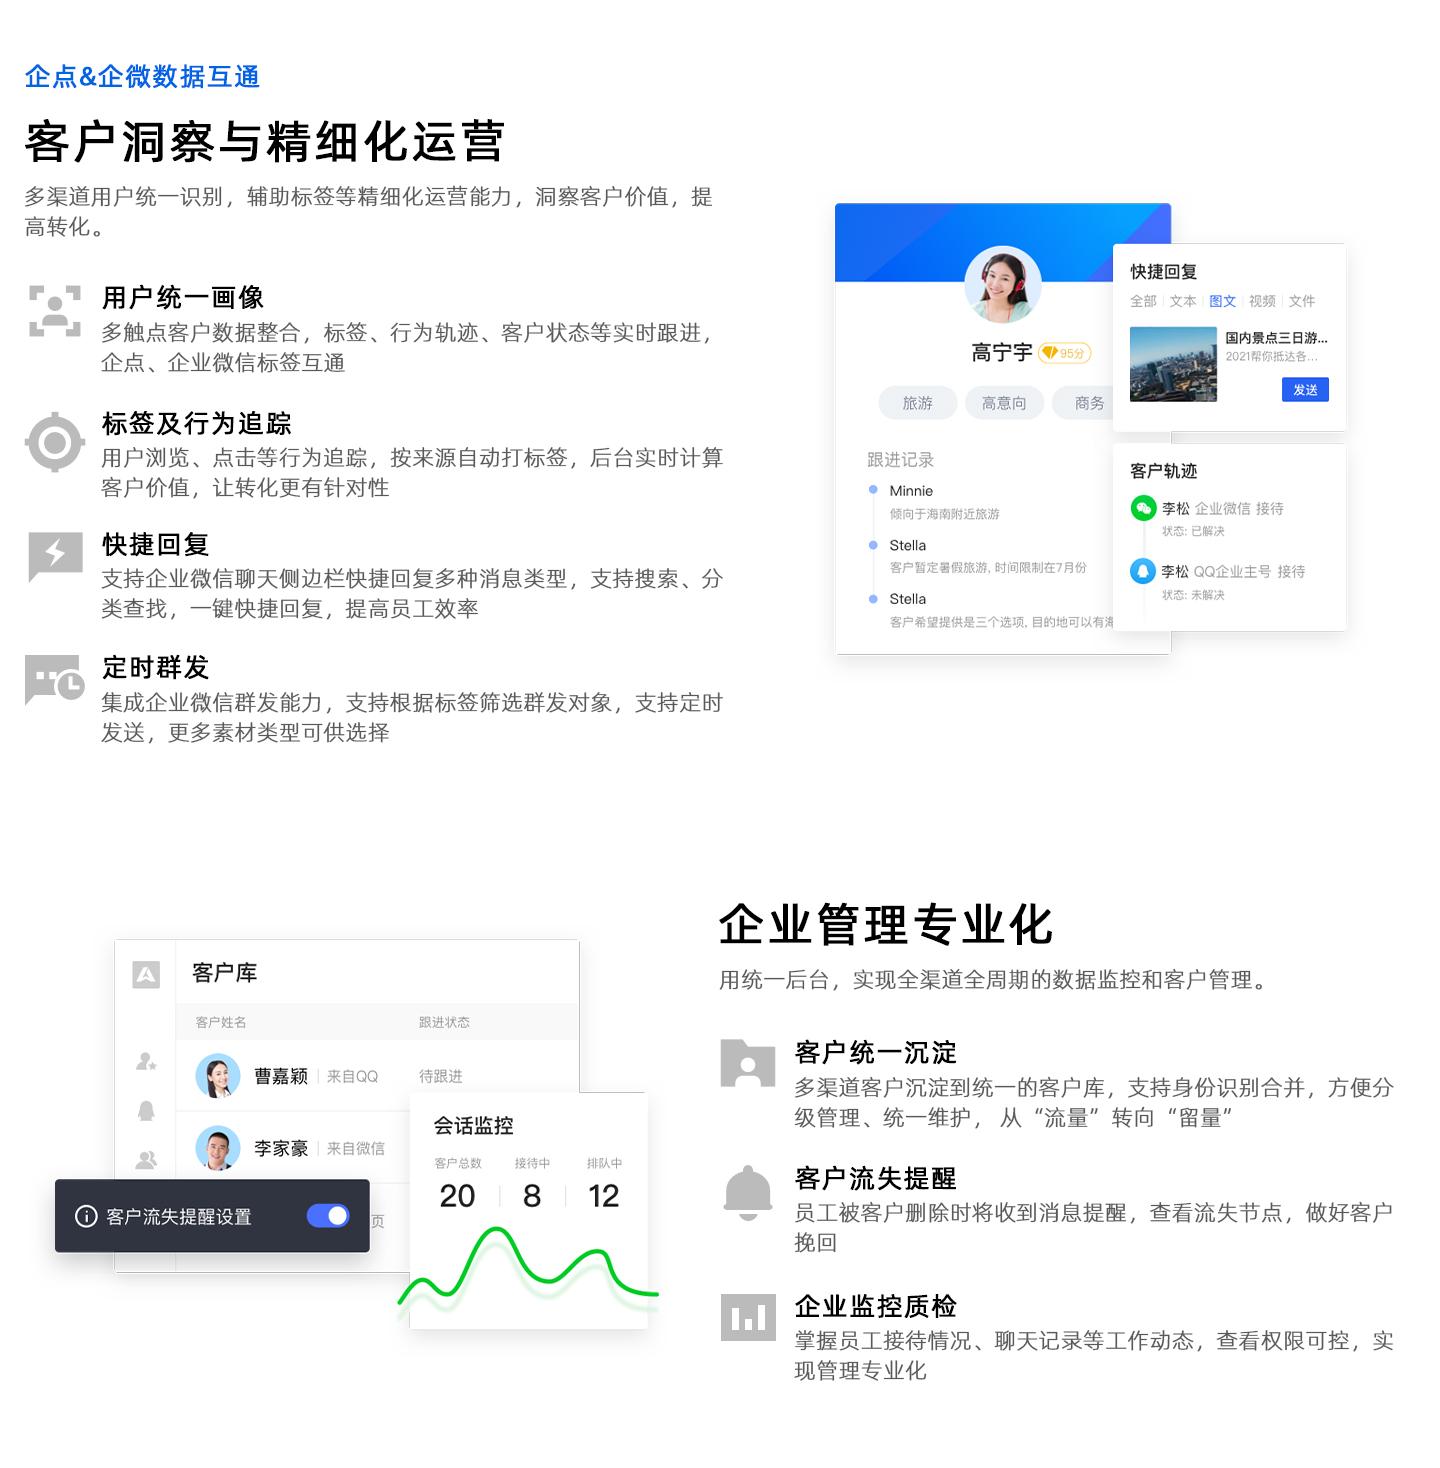 企点客服-客户通1440_02.jpg